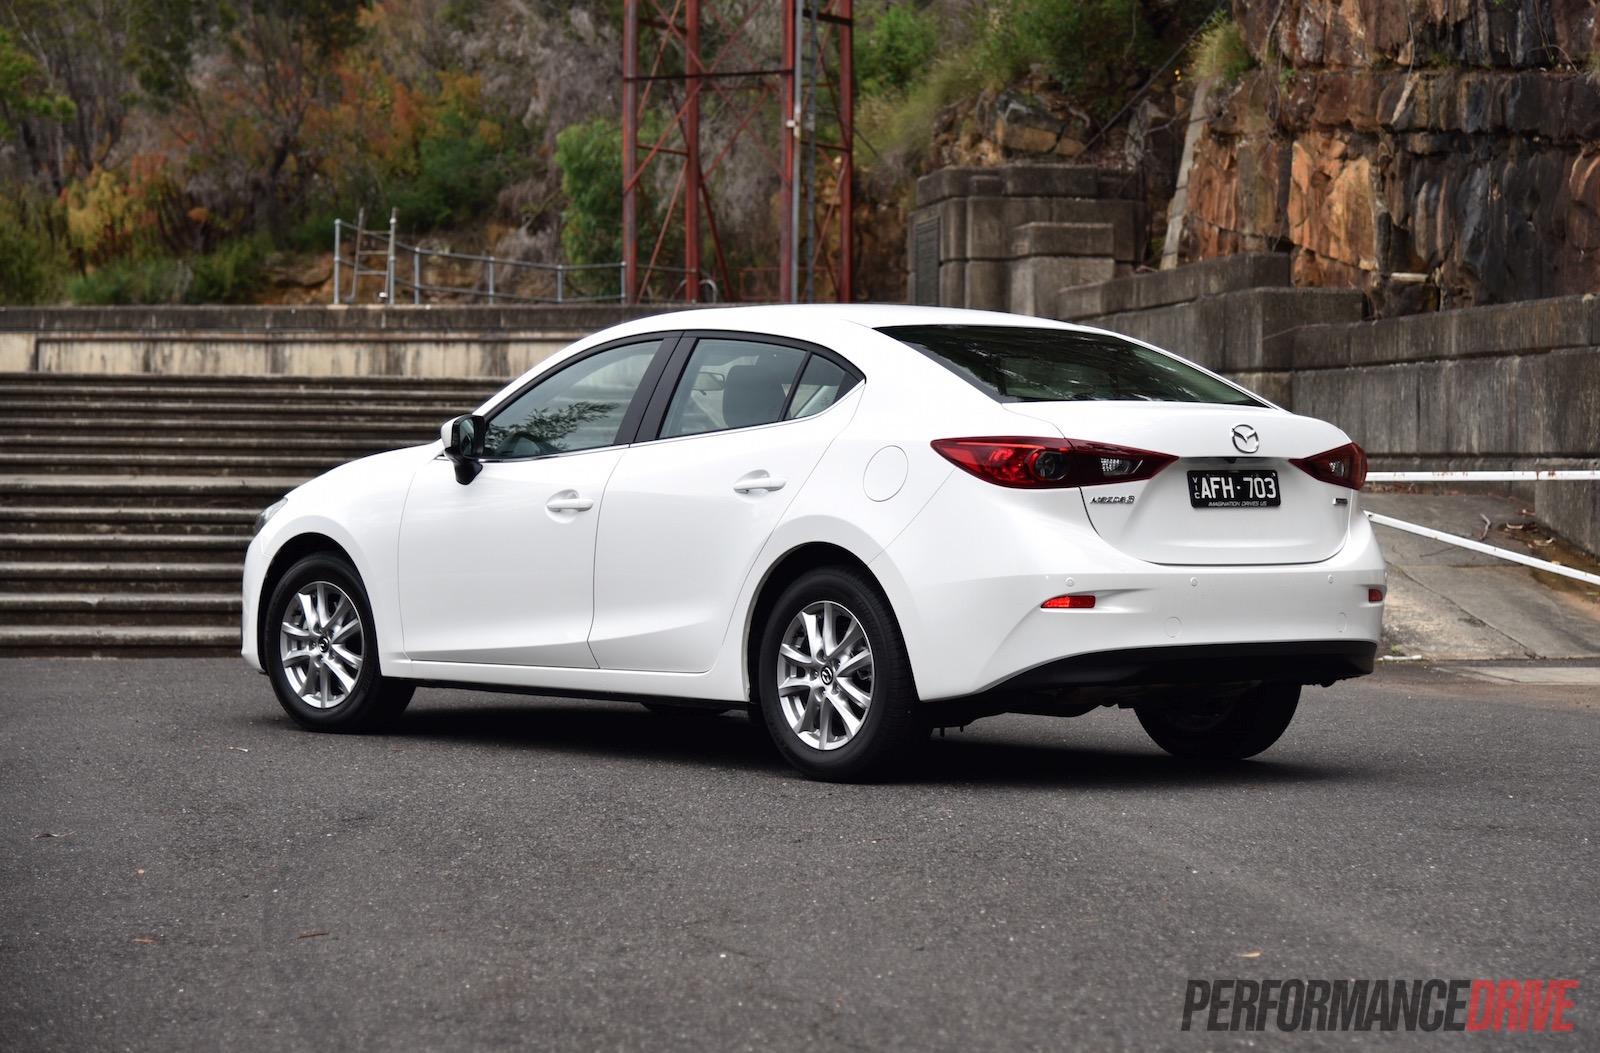 Kelebihan Kekurangan Mazda 3 Sedan 2018 Murah Berkualitas